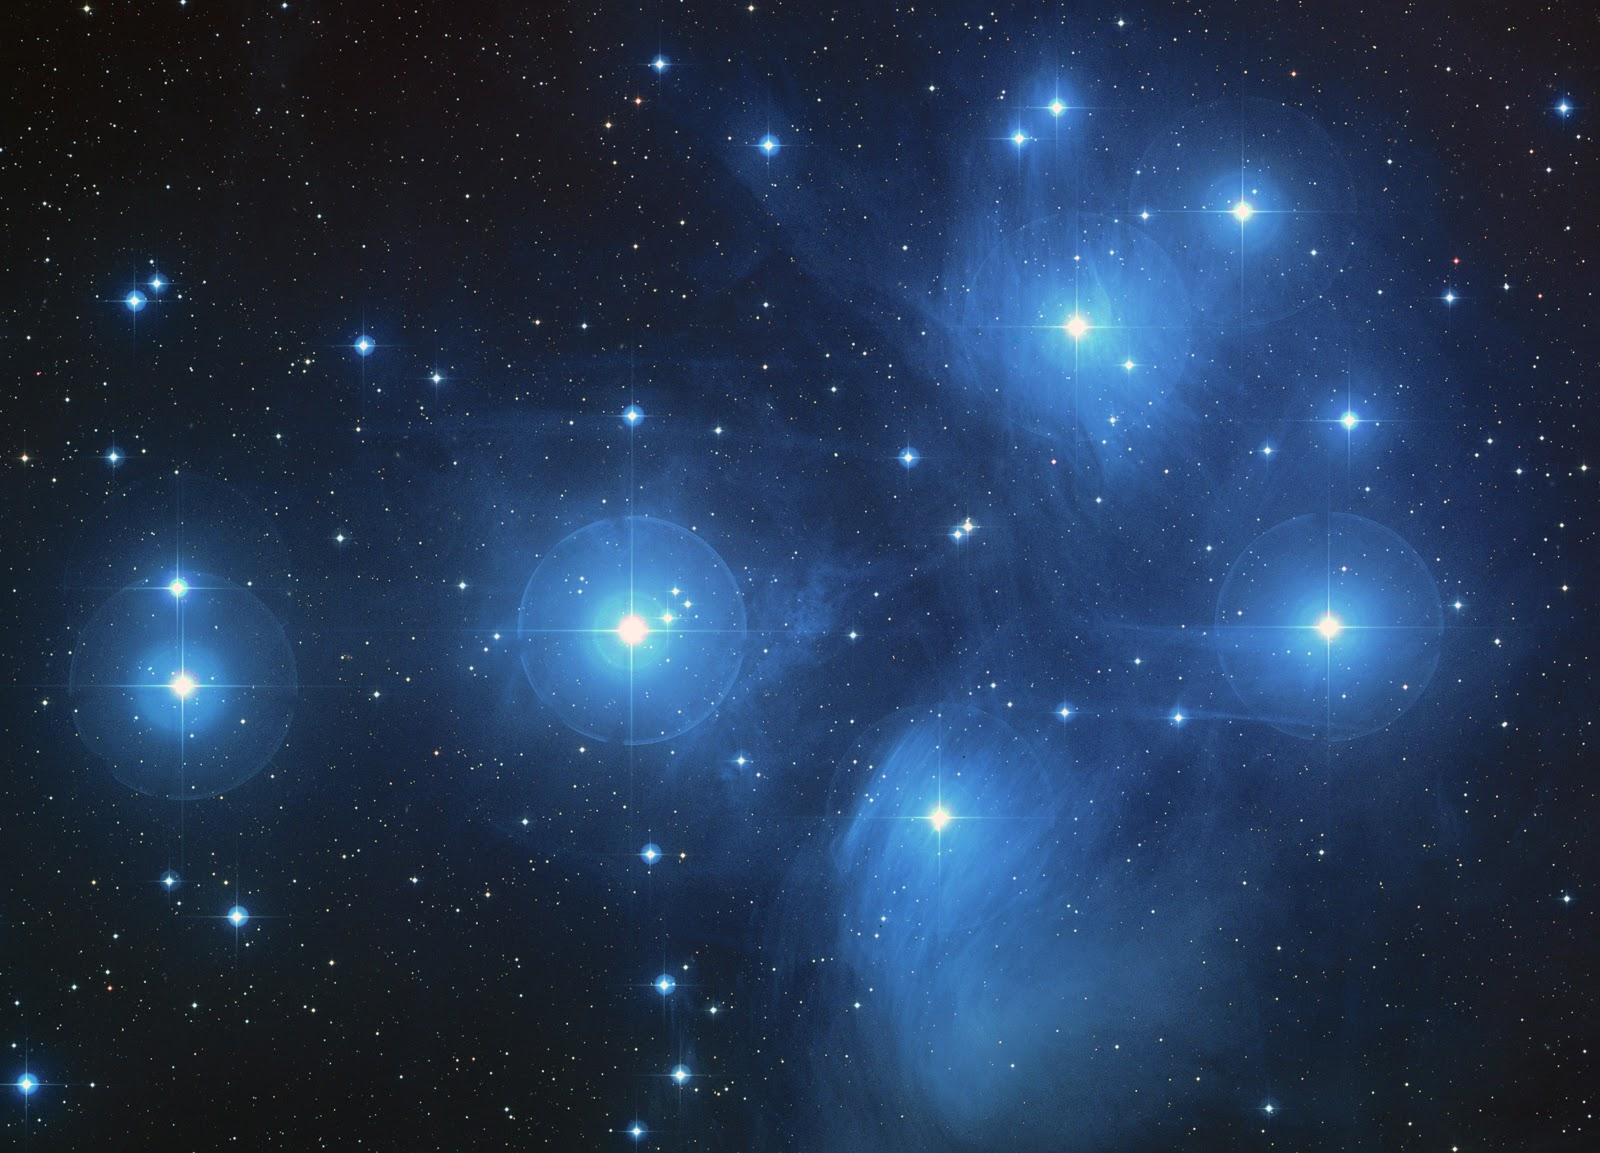 Cụm sao Pleiades (M45) chụp vào ngày 1/6/2004. Credit : NASA, ESA, AURA/Caltech, Đài quan sát Palomar.